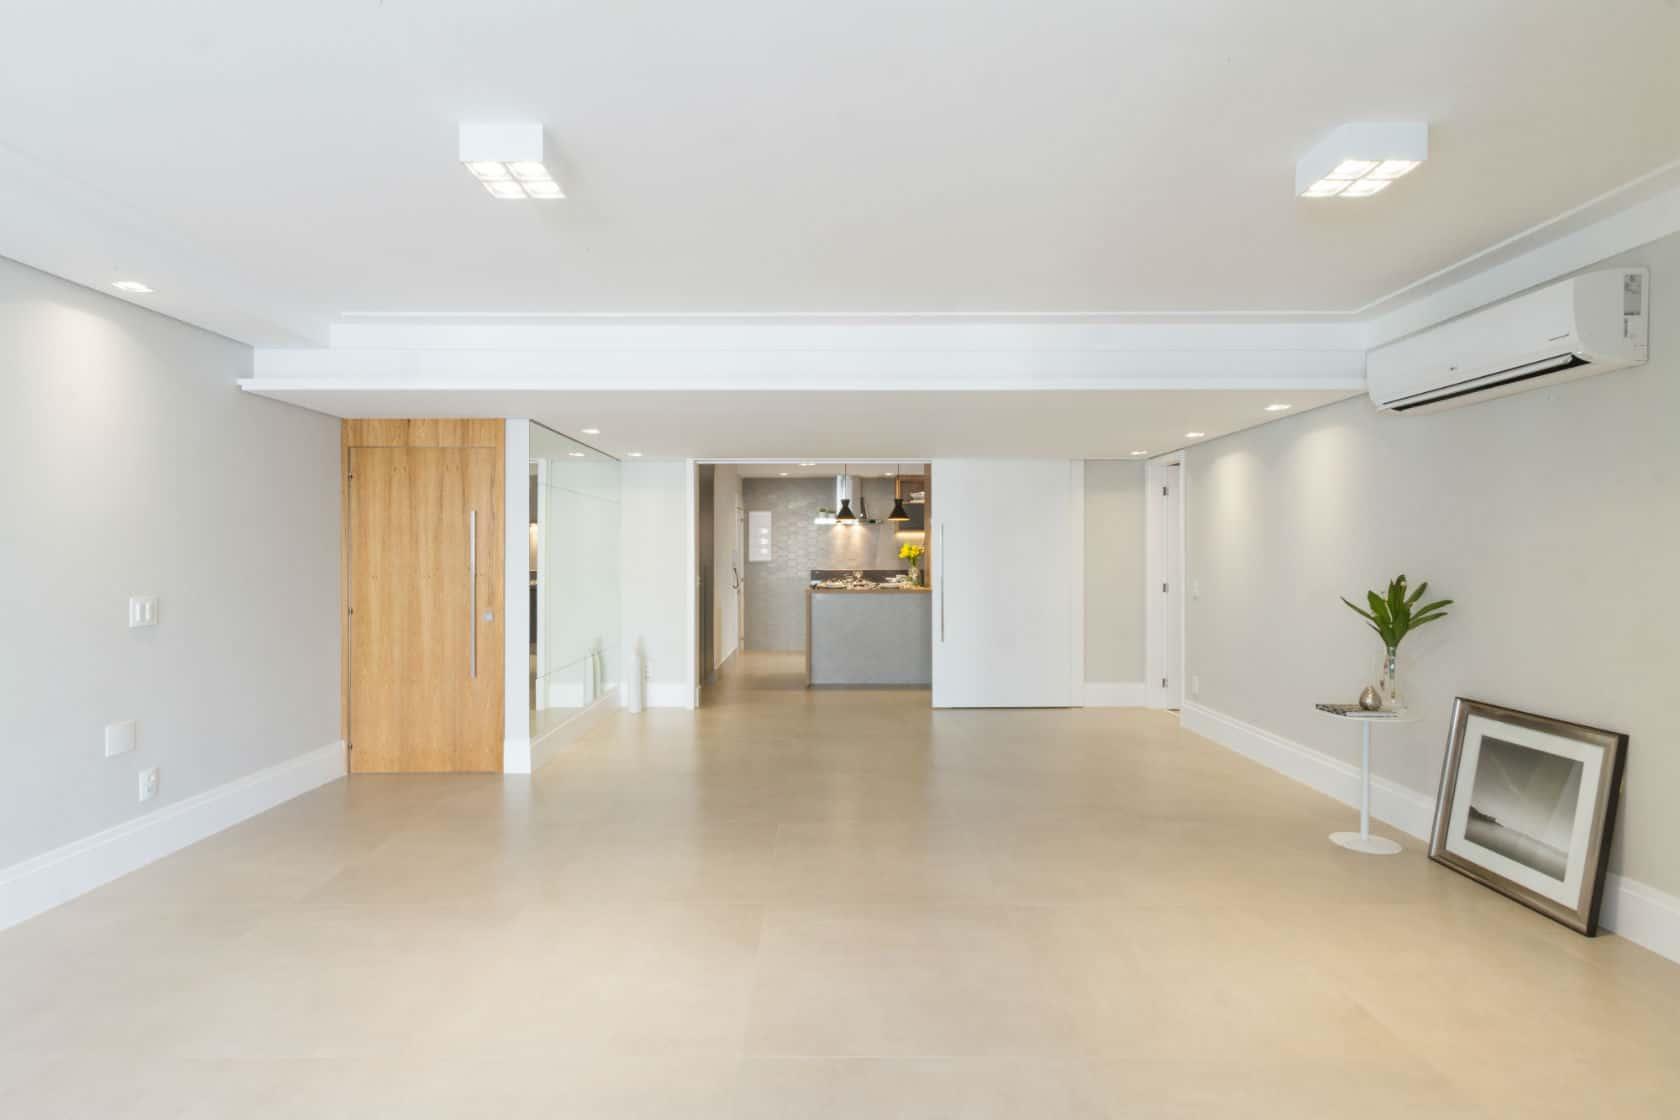 Antes & depois: confira a transformação desta sala reformada em apartamento do Jardim América